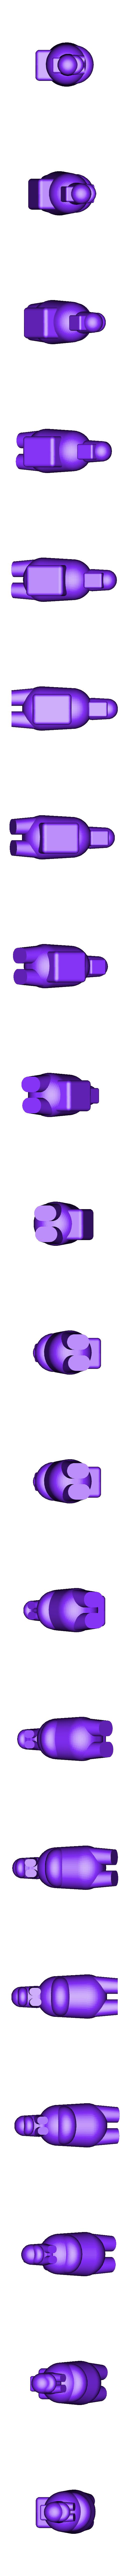 AMONGCITO SENTADO.stl Télécharger fichier STL PARMI NOUS AVEC PARMI SENTADO • Design pour impression 3D, sebastiancabral719